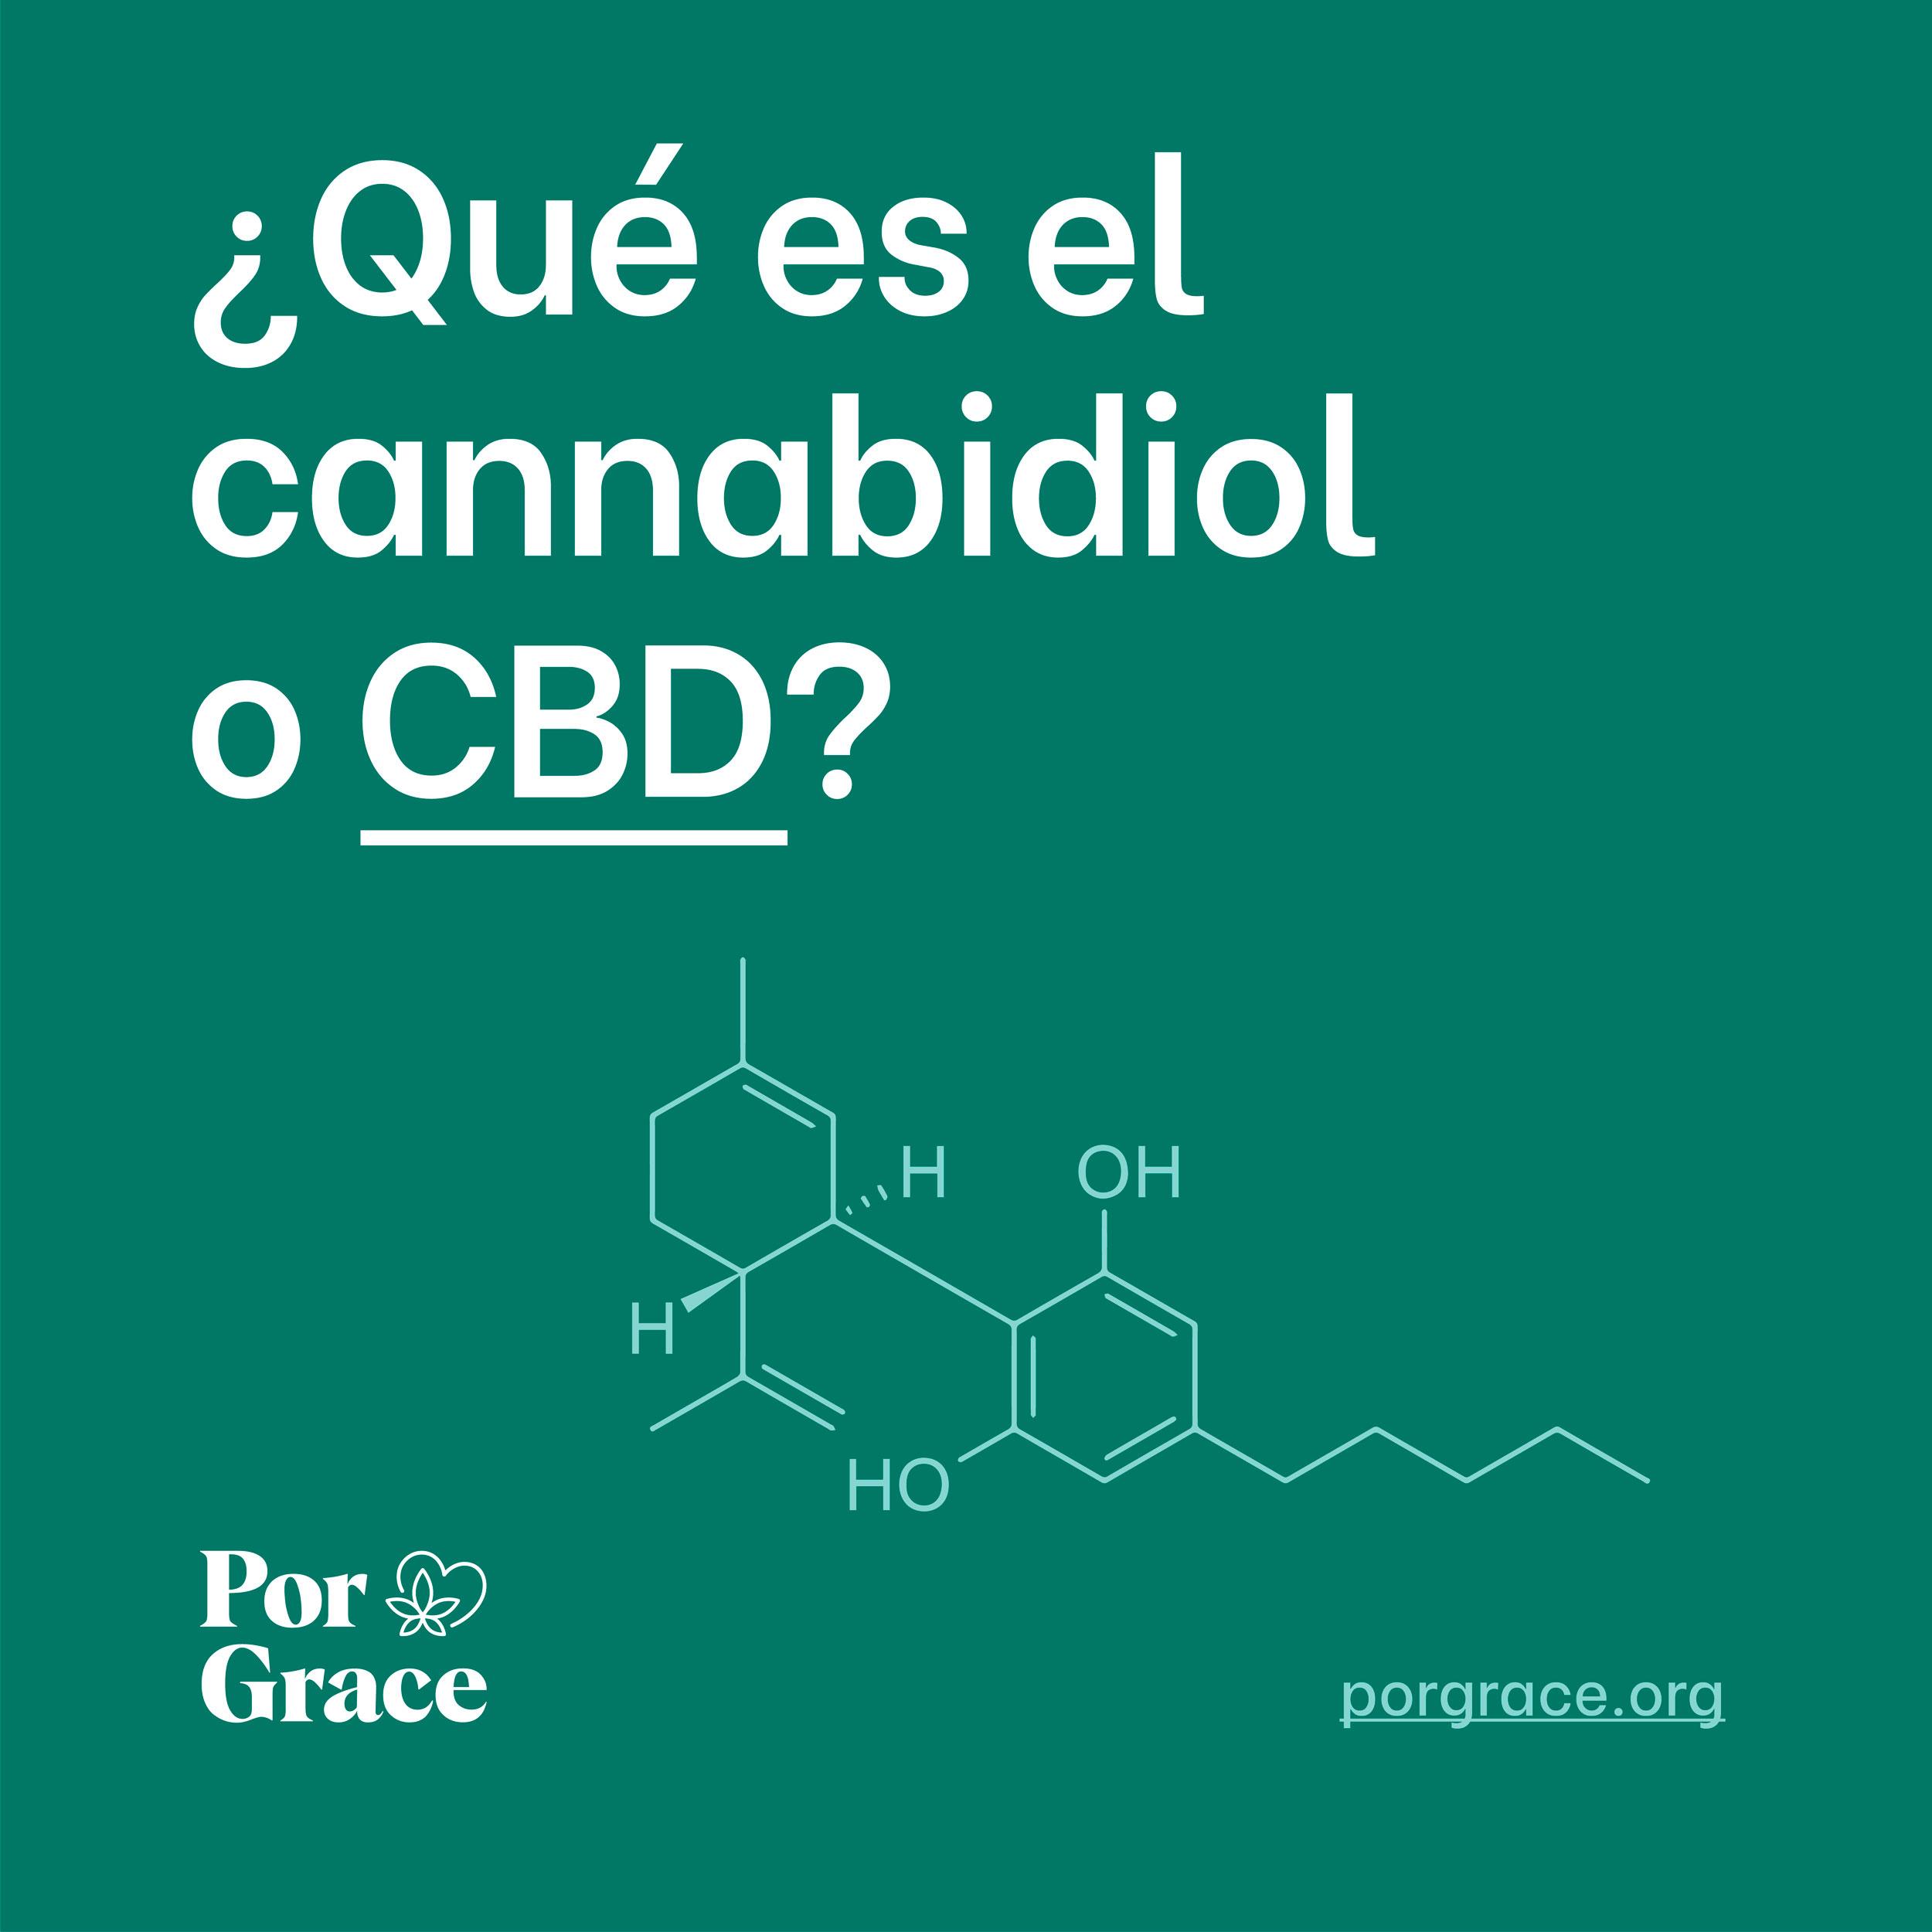 ¿Qué es el CBD?